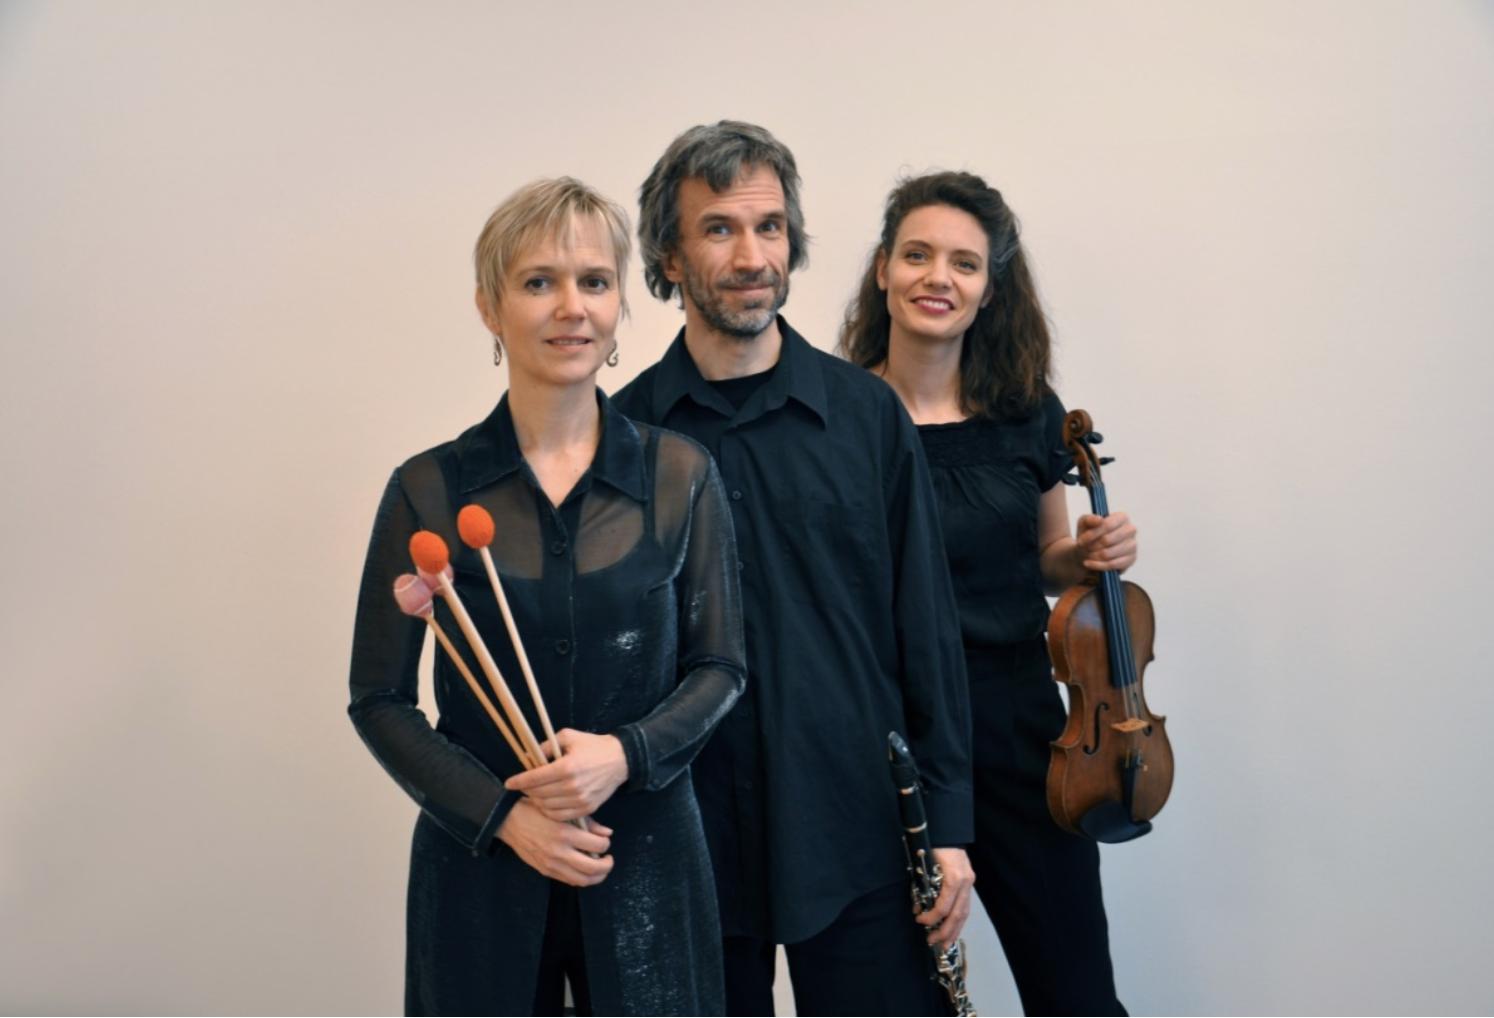 flimsfestival - MOA trio with Dimitry Ashkenazy